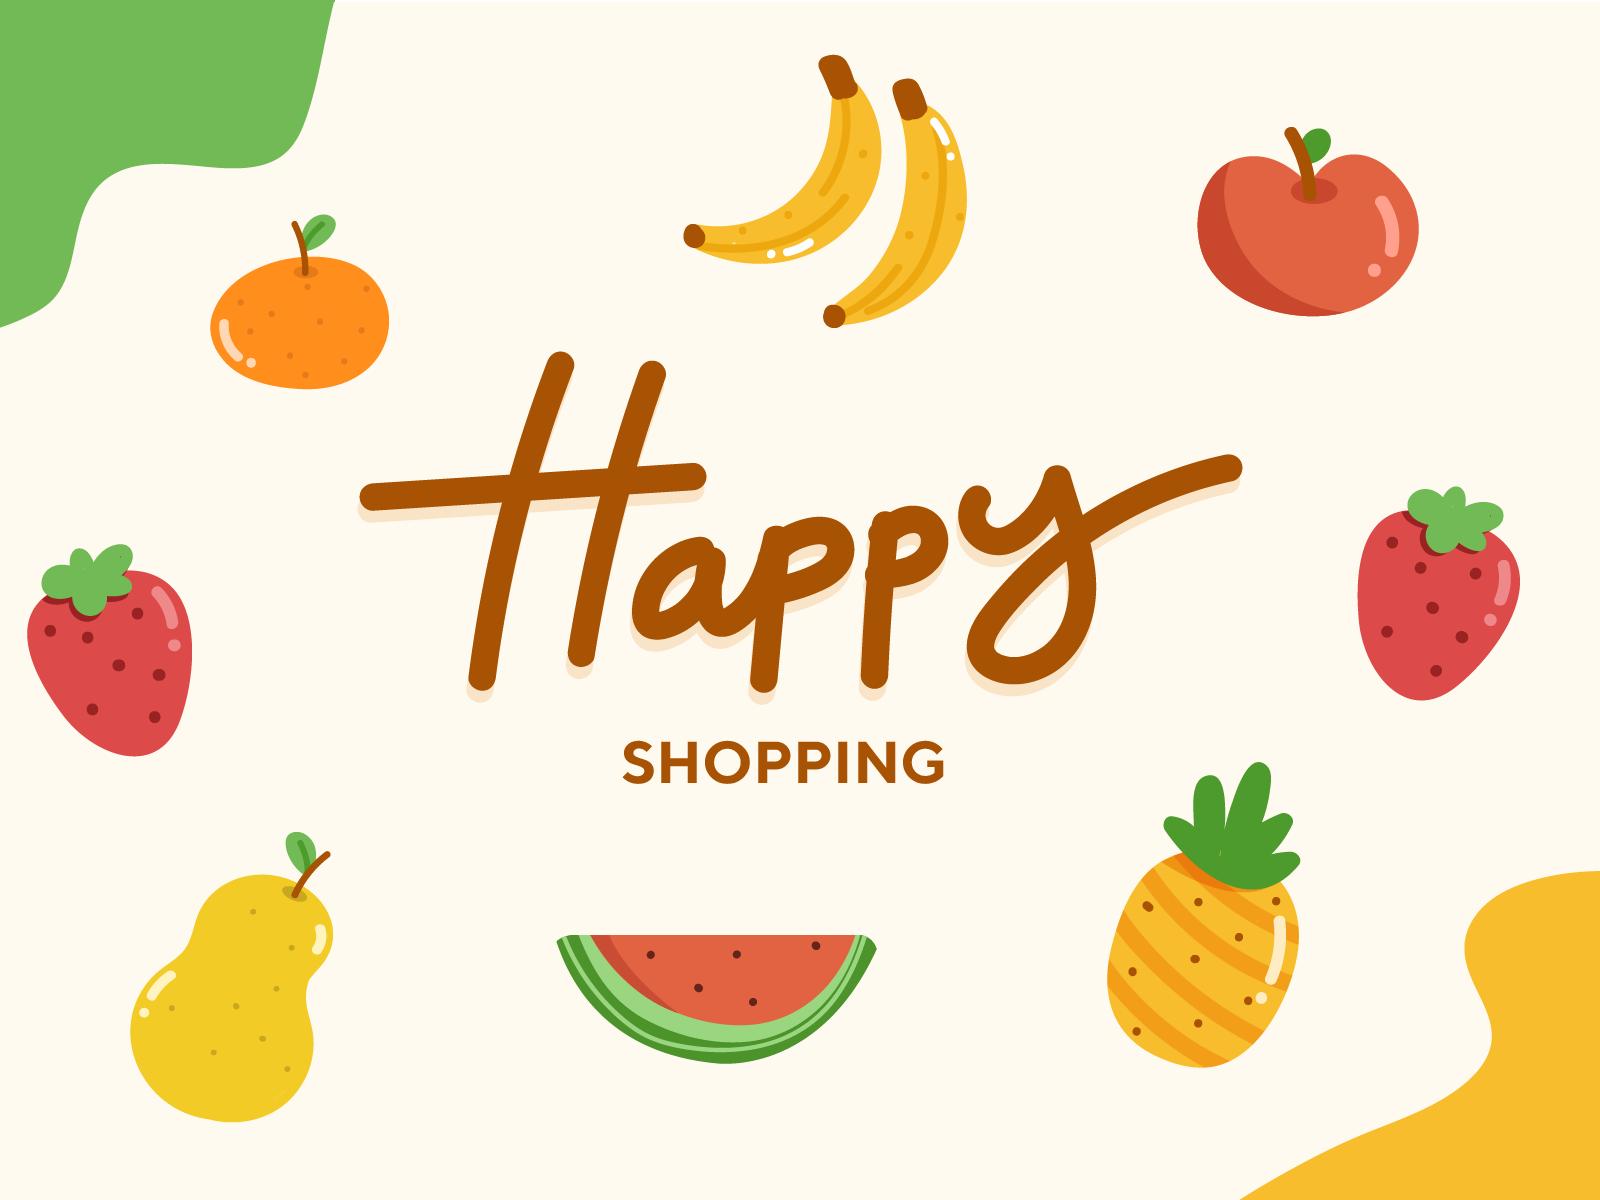 Картинка в День шопинга